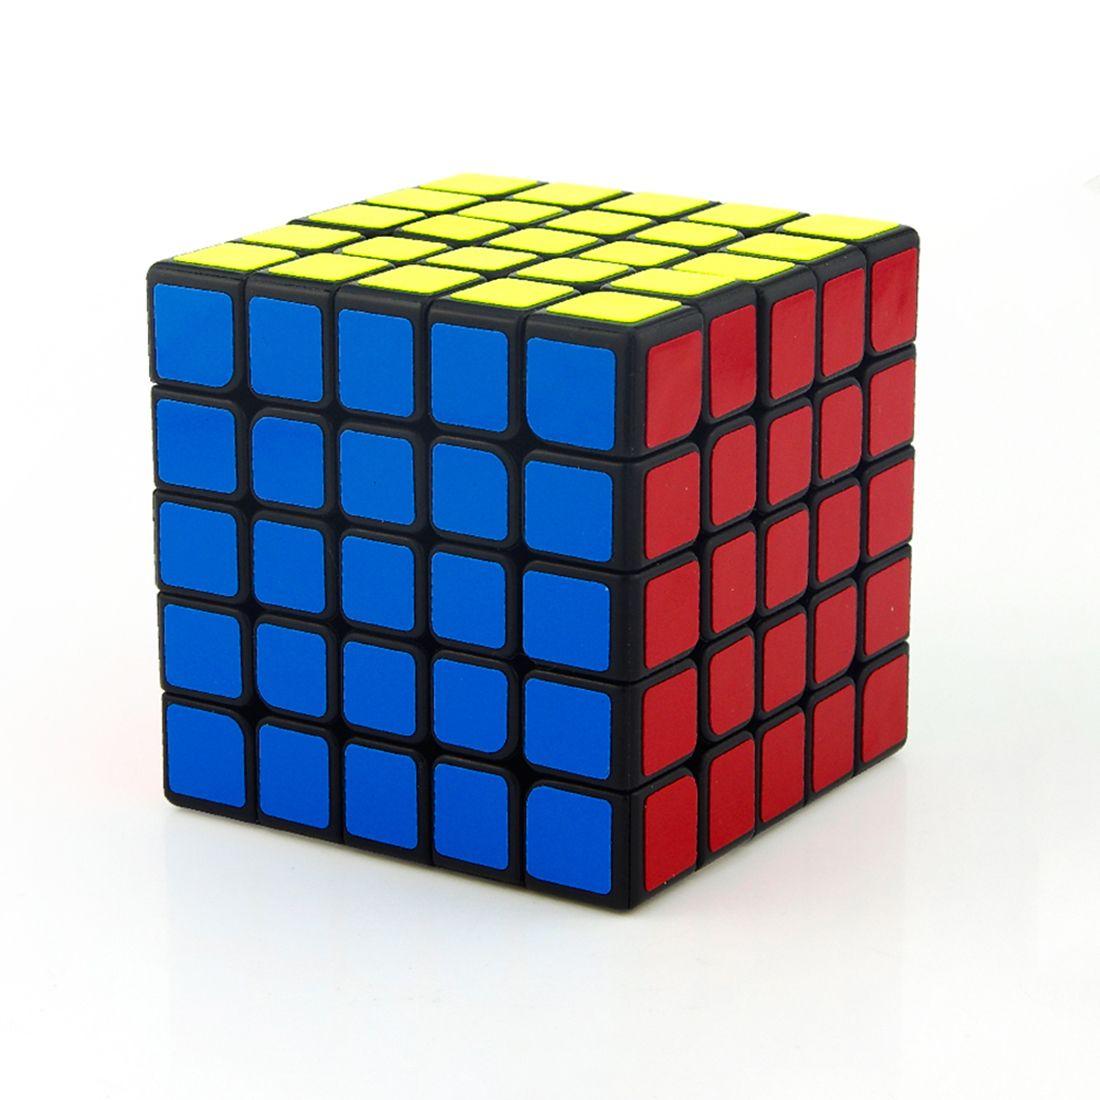 QianqianDora 5x5x5 cube neo Autocollant Vitesse Cube magico Puzzle Jouets zcube cube carré magique cube jouet